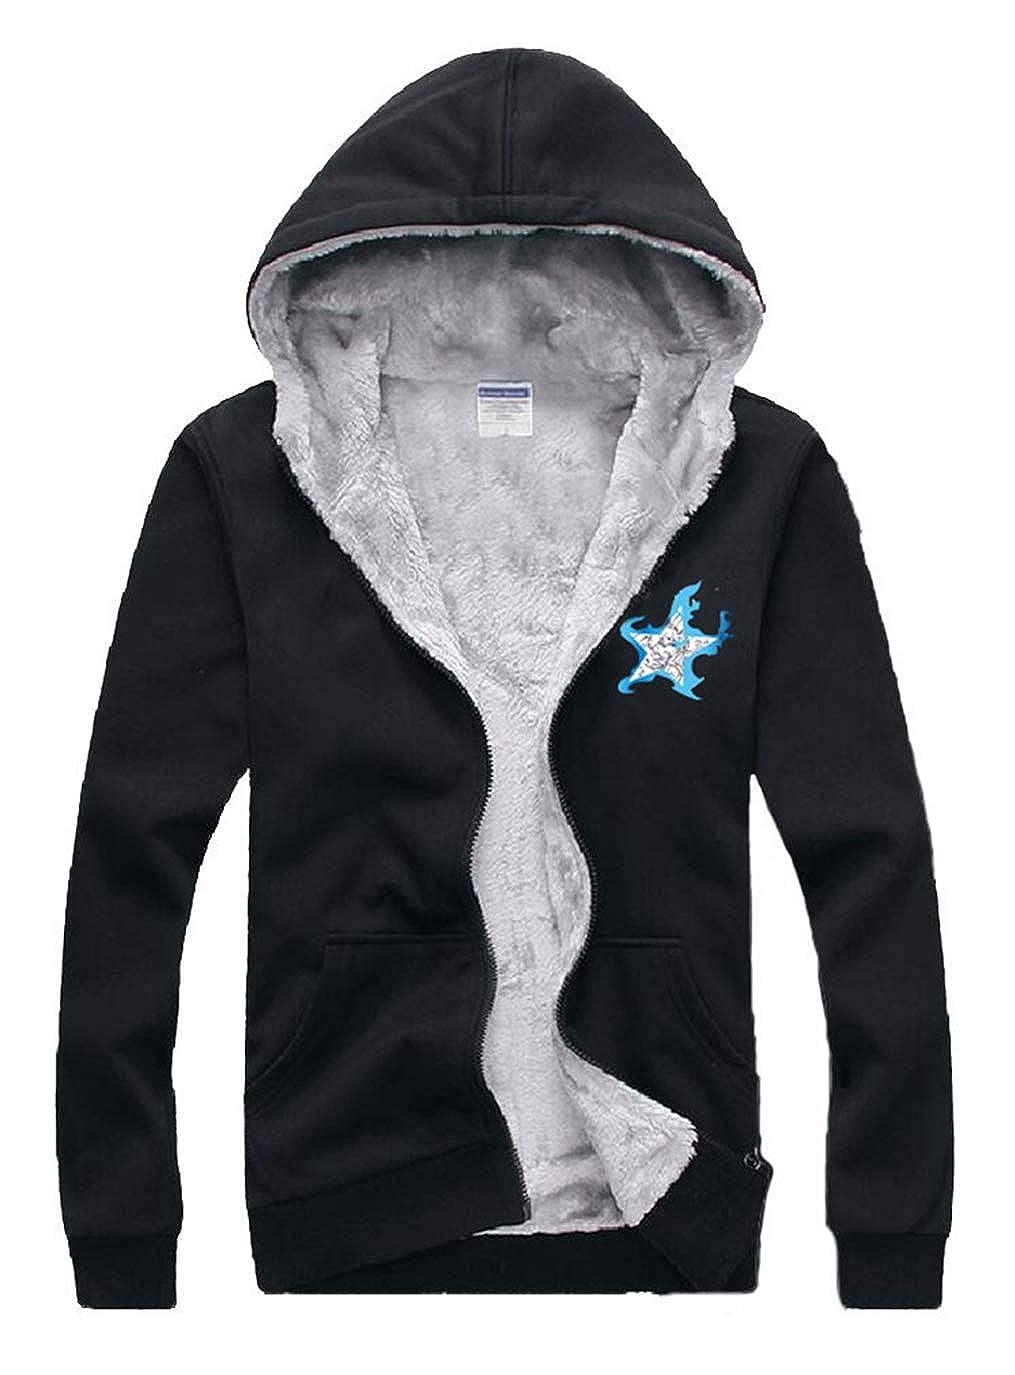 Schwarz 1 5XL Cosstars schwarz Rock Shooter Anime Unisex Reißverschluss Kapuzenpul r Winter Verdicken Warm Hoodie